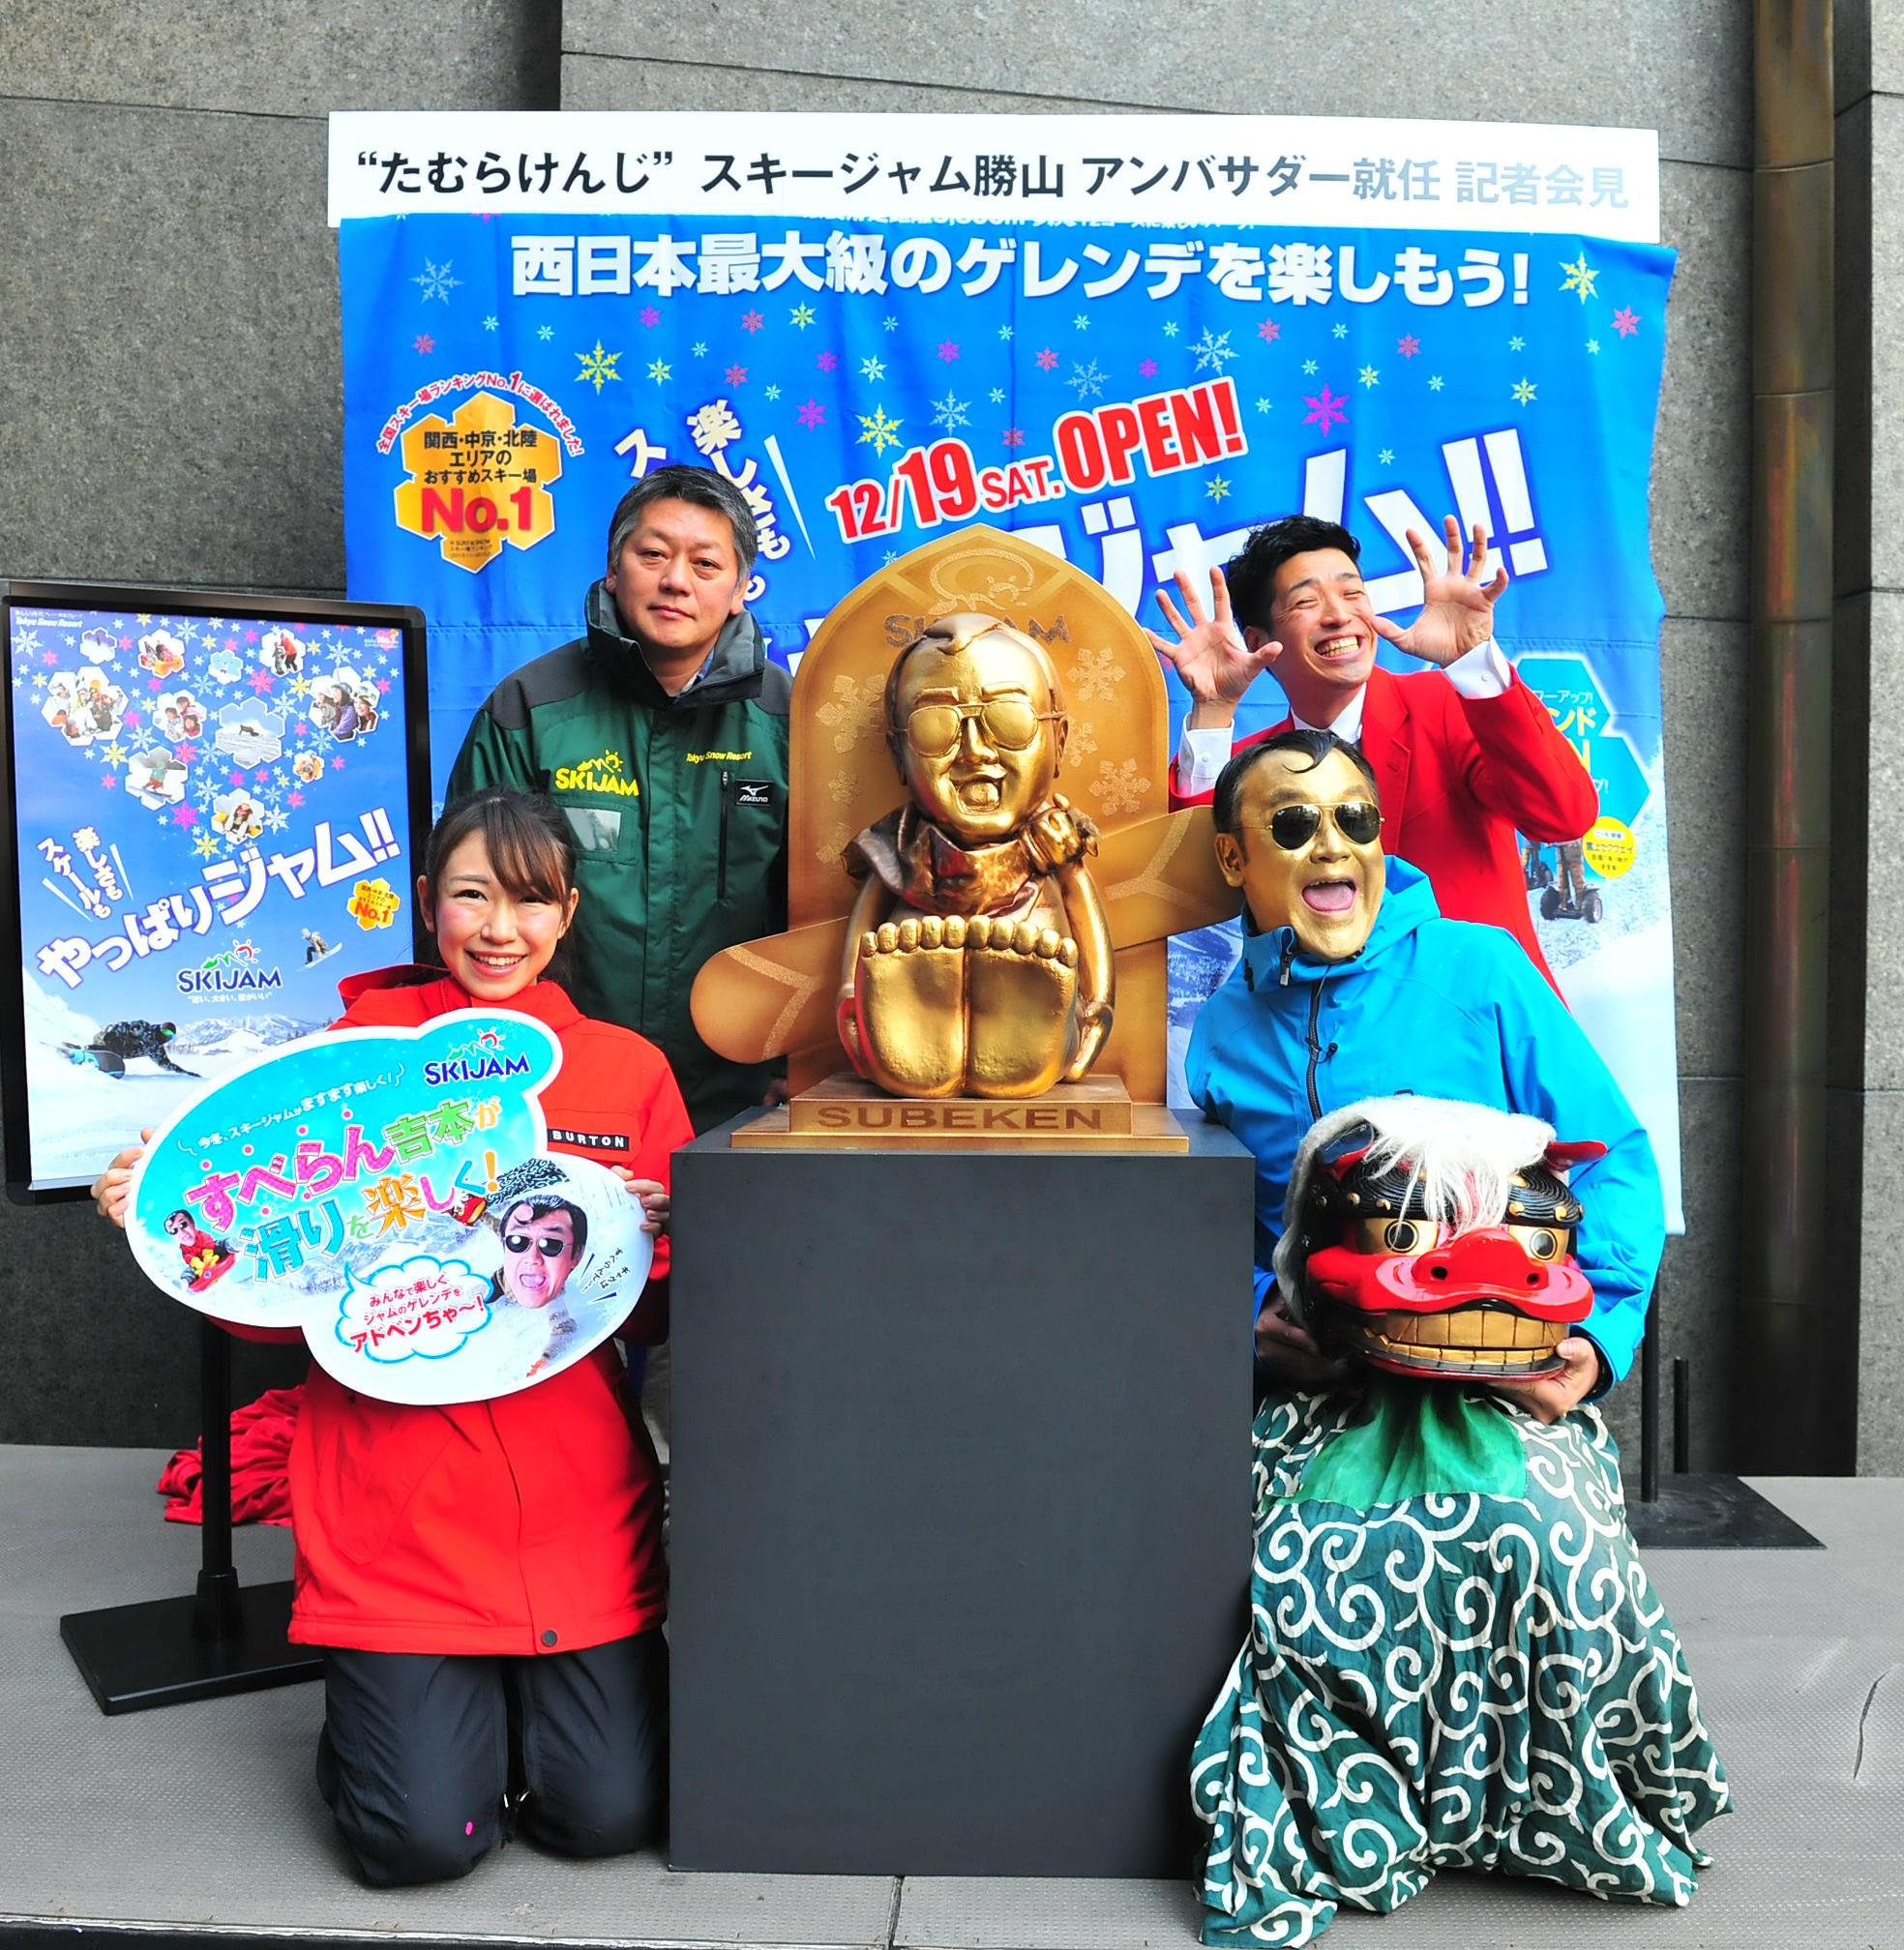 http://news.yoshimoto.co.jp/20151130192827-f29be36ed52ac87e9cd3ee850e1db5506bc999c2.jpg